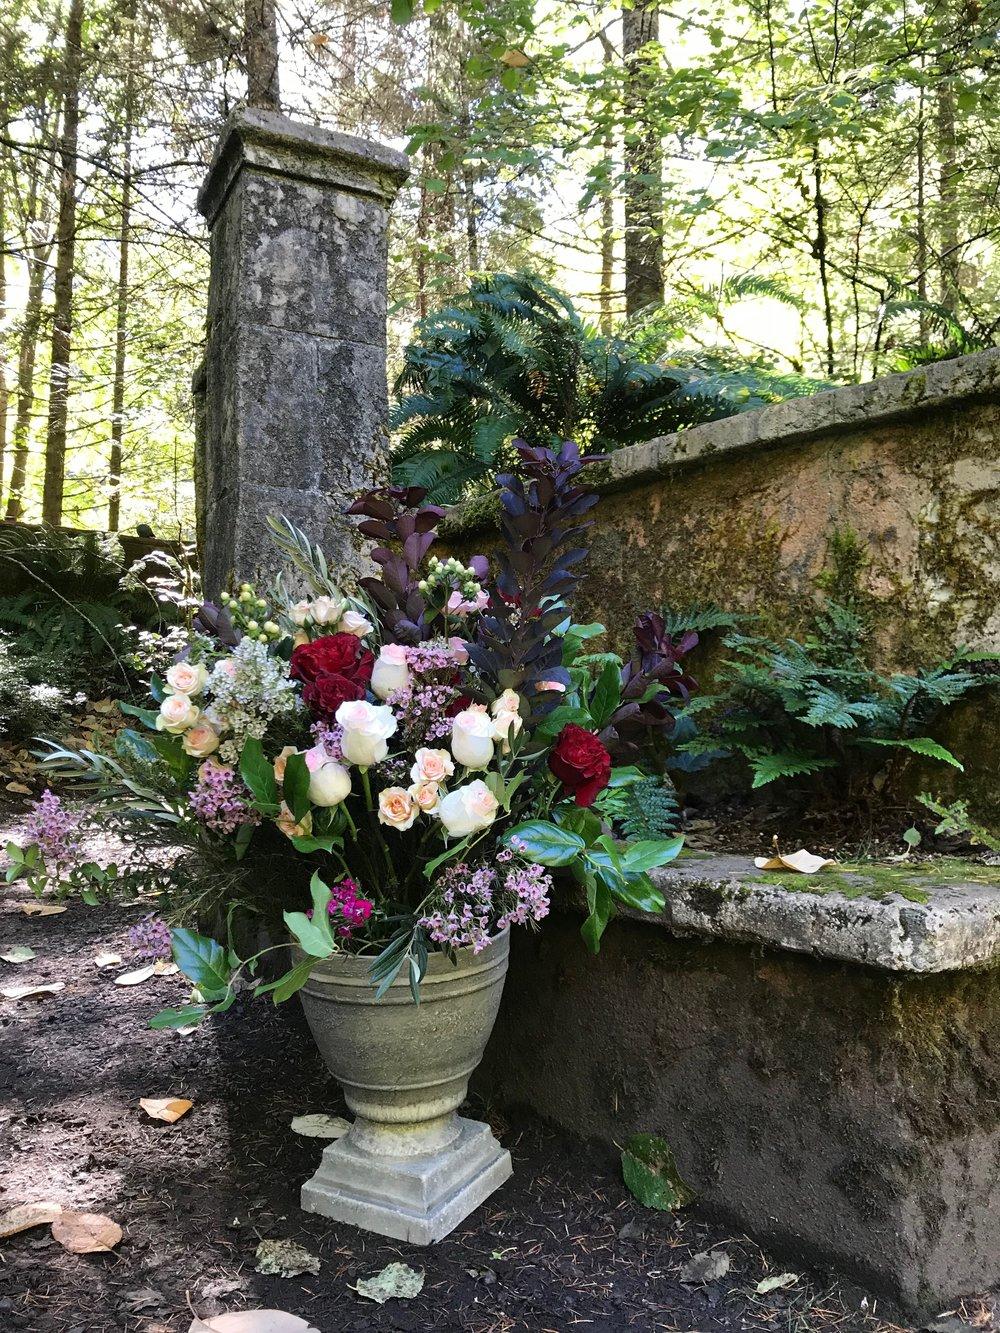 Bend Floral Artistry -  bendfloral.com  Photo: Emily Miller, Bend Floral Artistry Belknap Hot Springs.   Your Local Bend, Oregon Bespoke Florist.